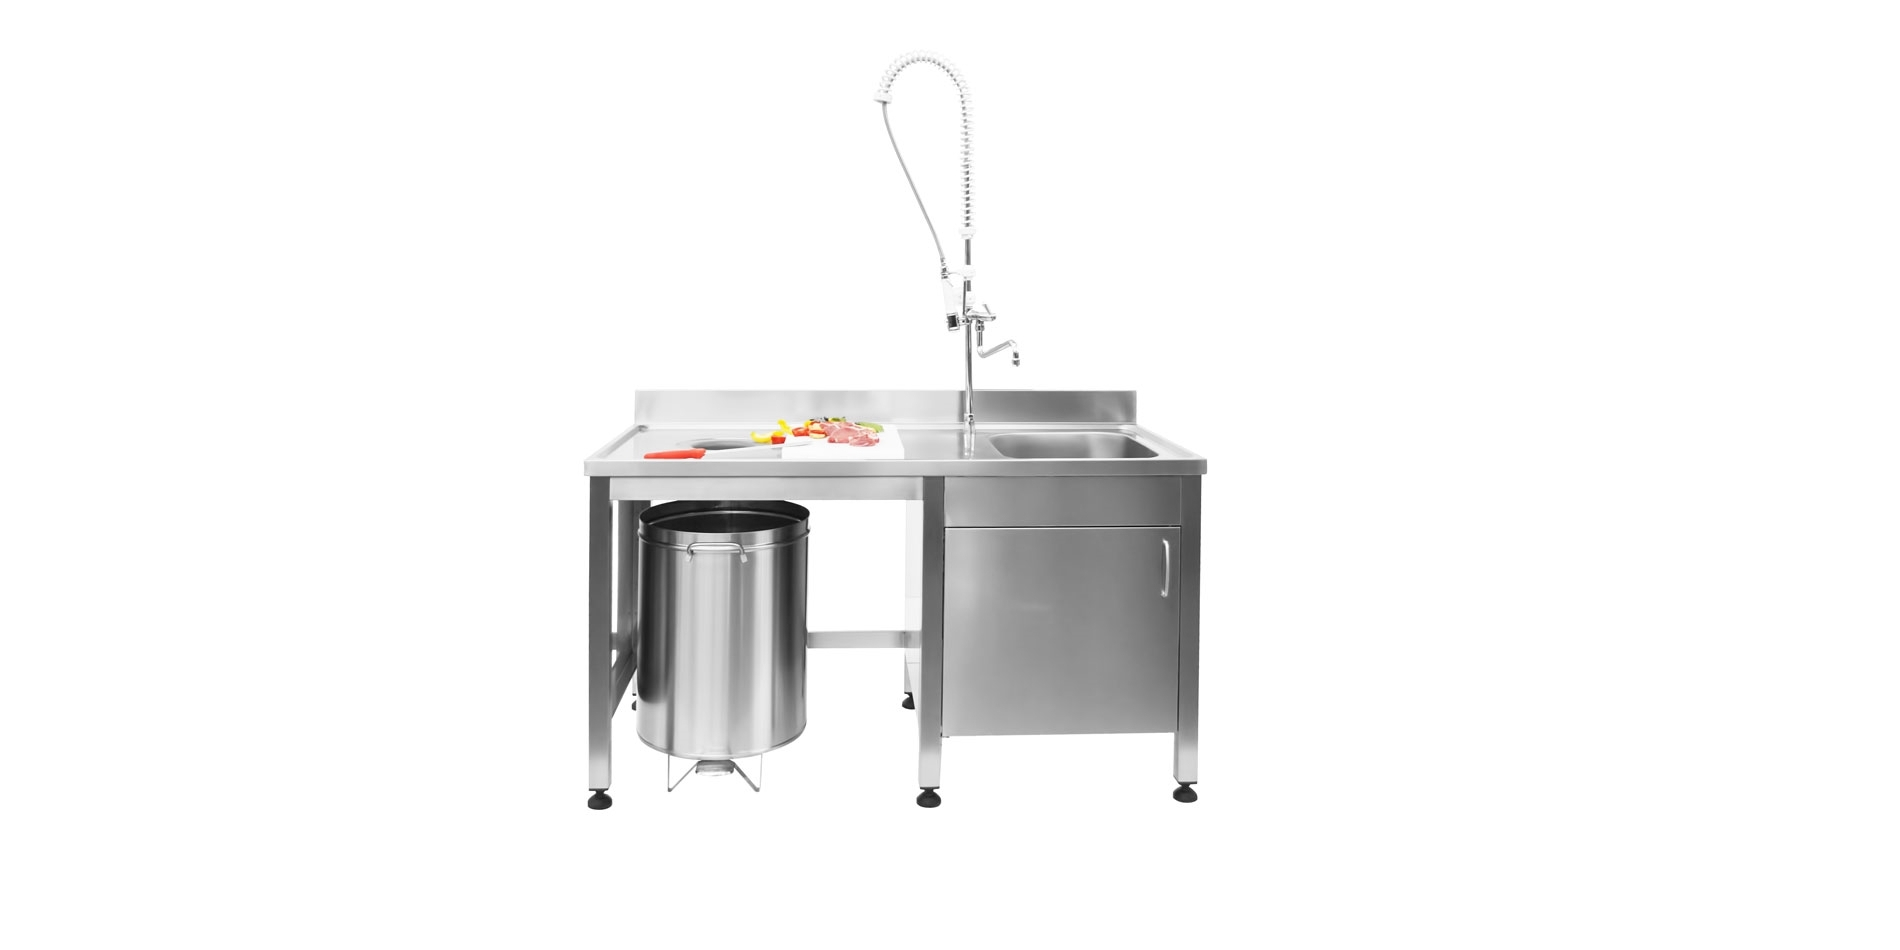 Lavelli Ad Angolo Misure lavelli professionali in acciaio inox - scaminox